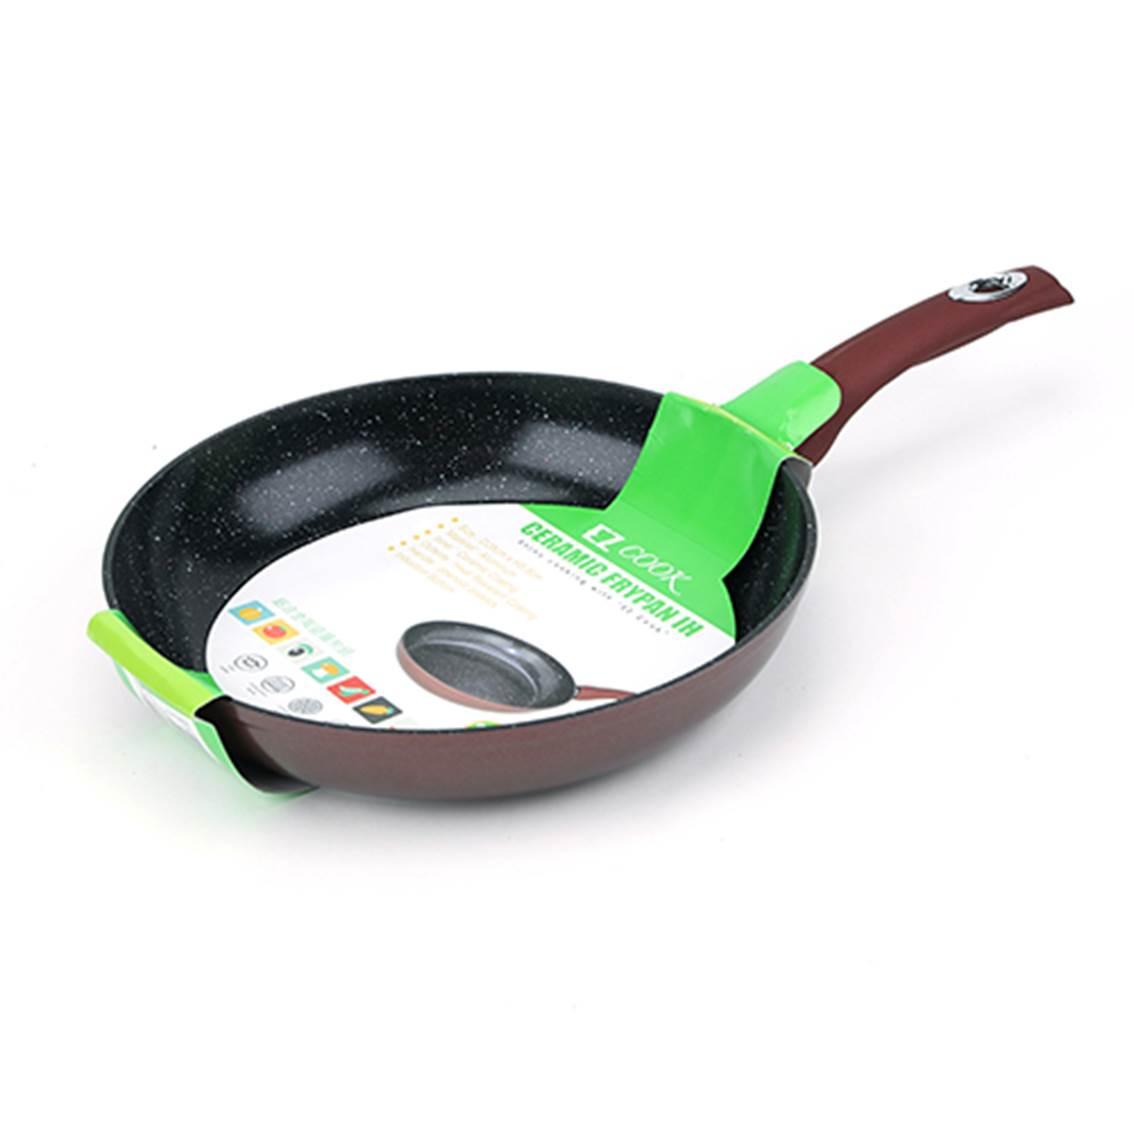 EZ Cook鋁合金陶瓷層易潔煎鍋 28cm